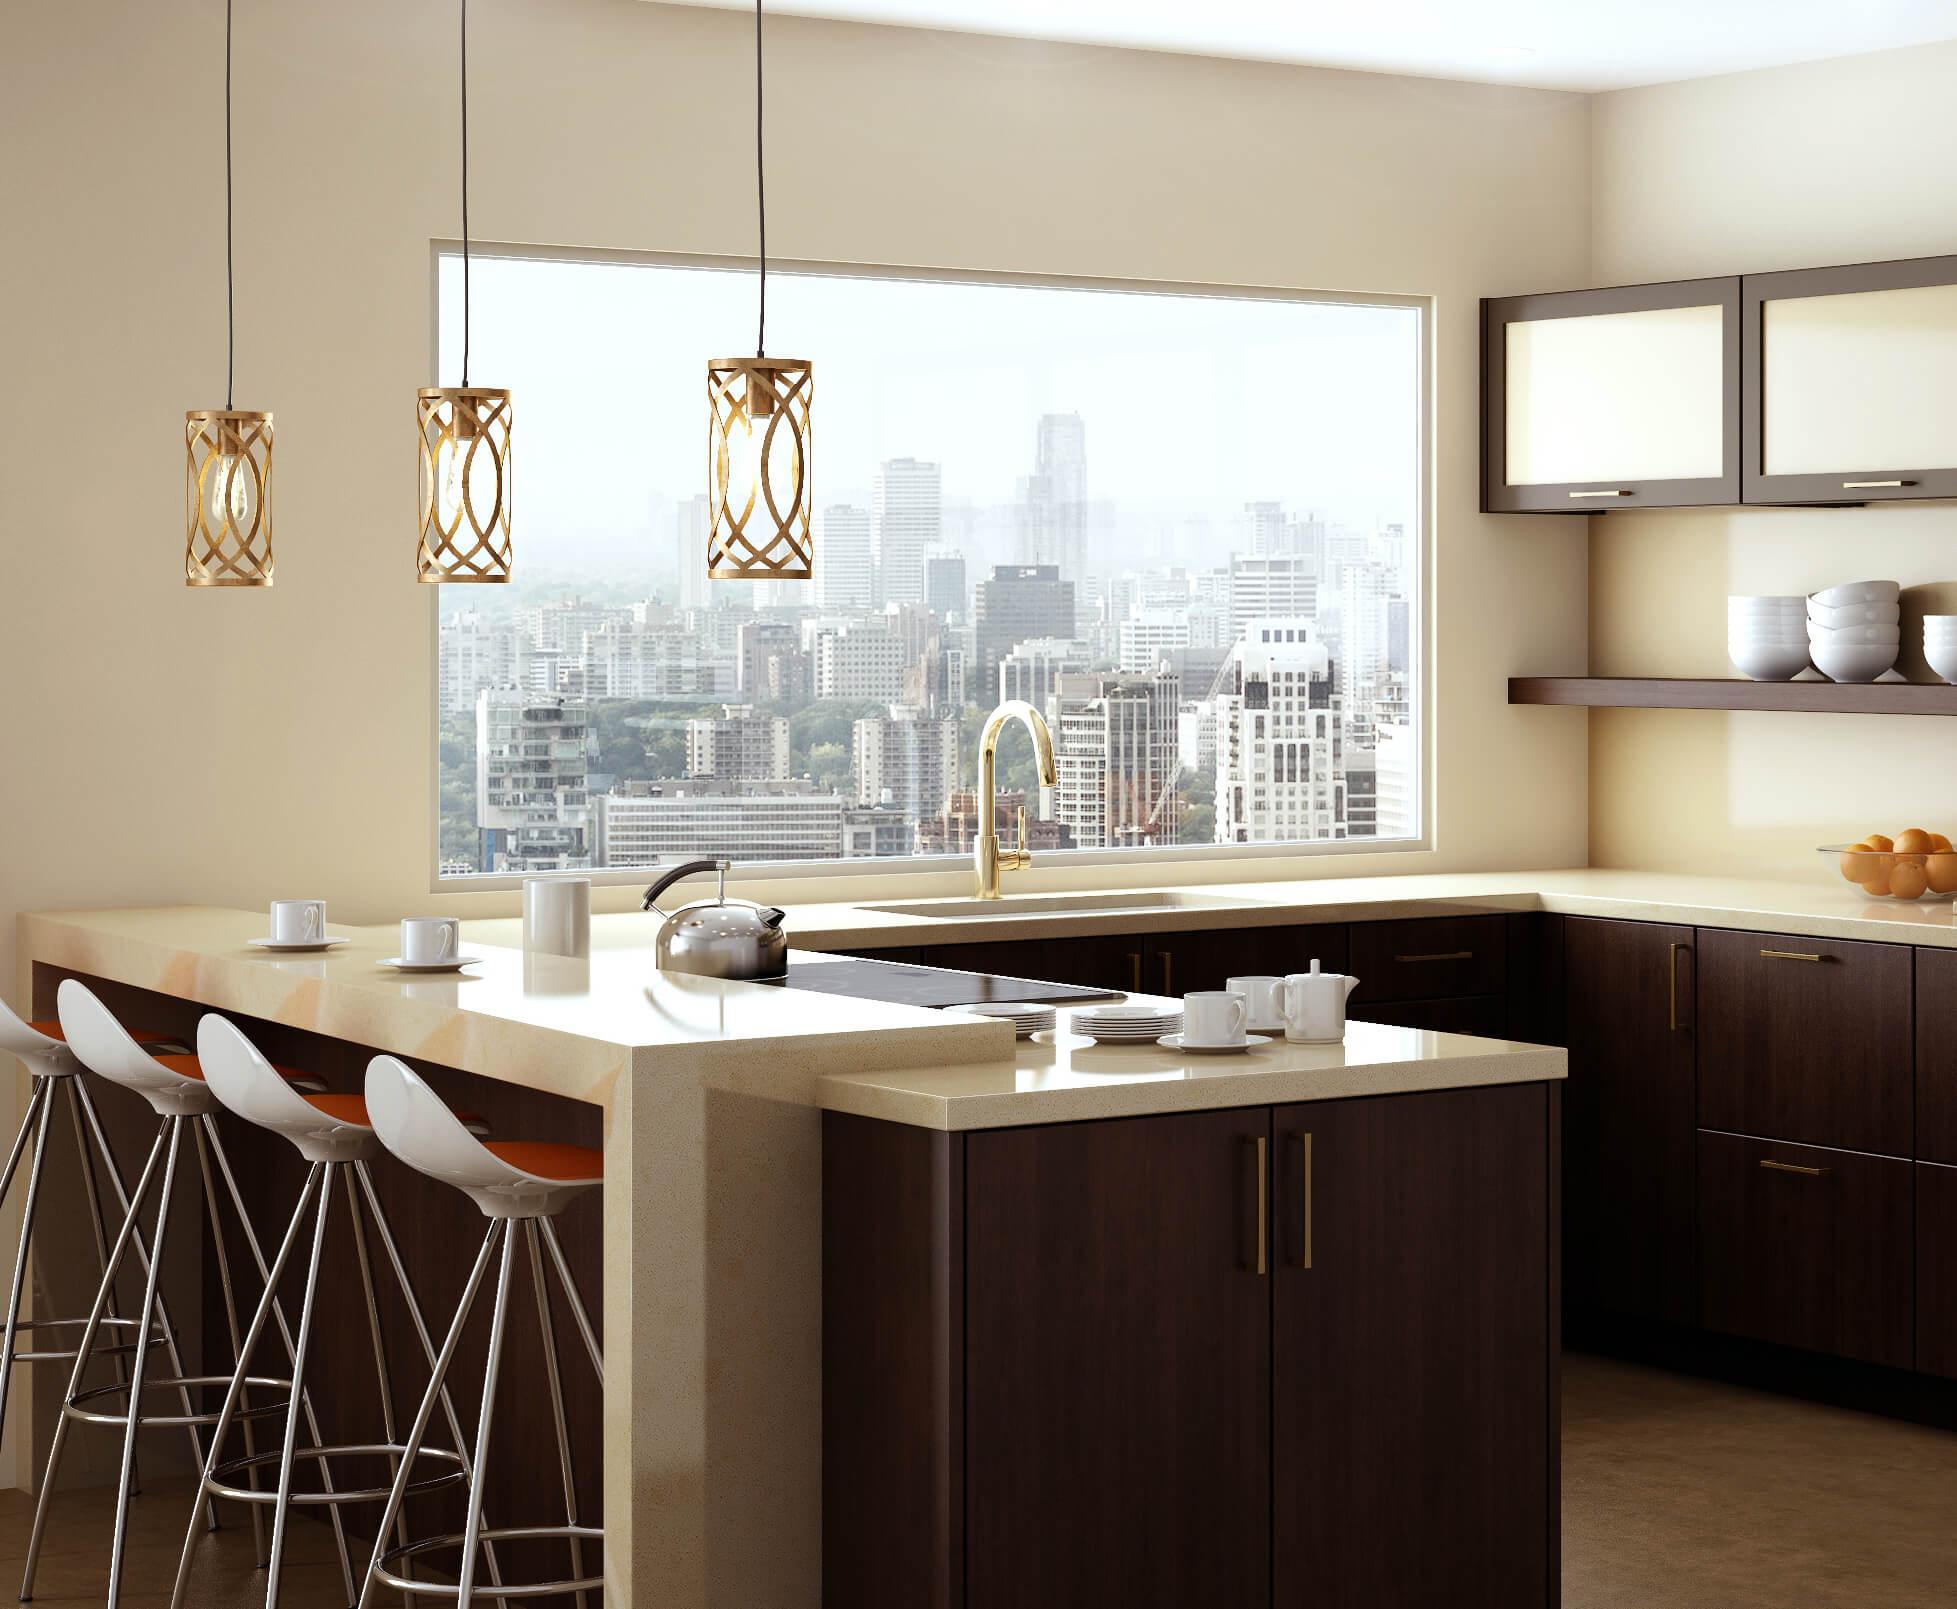 Pendant Lights over a ktichen penninsula in a modern urban loft kitchen design.